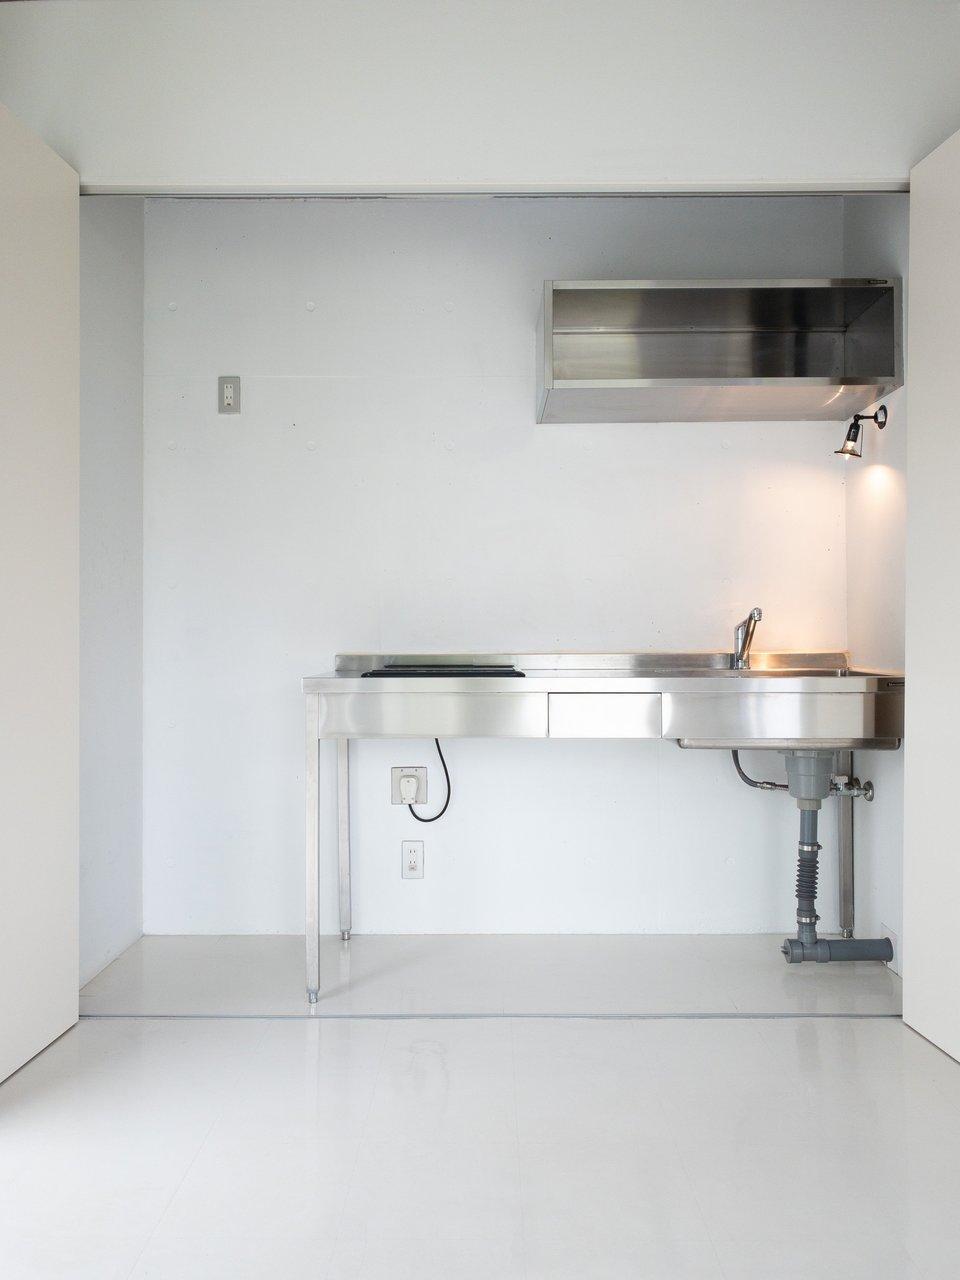 ステンレスのキッチン周り。IH2口コンロで作業スペースもあるので、十分調理はしやすそう。引き戸がついているので、生活感を出したくない方は安心ですね。